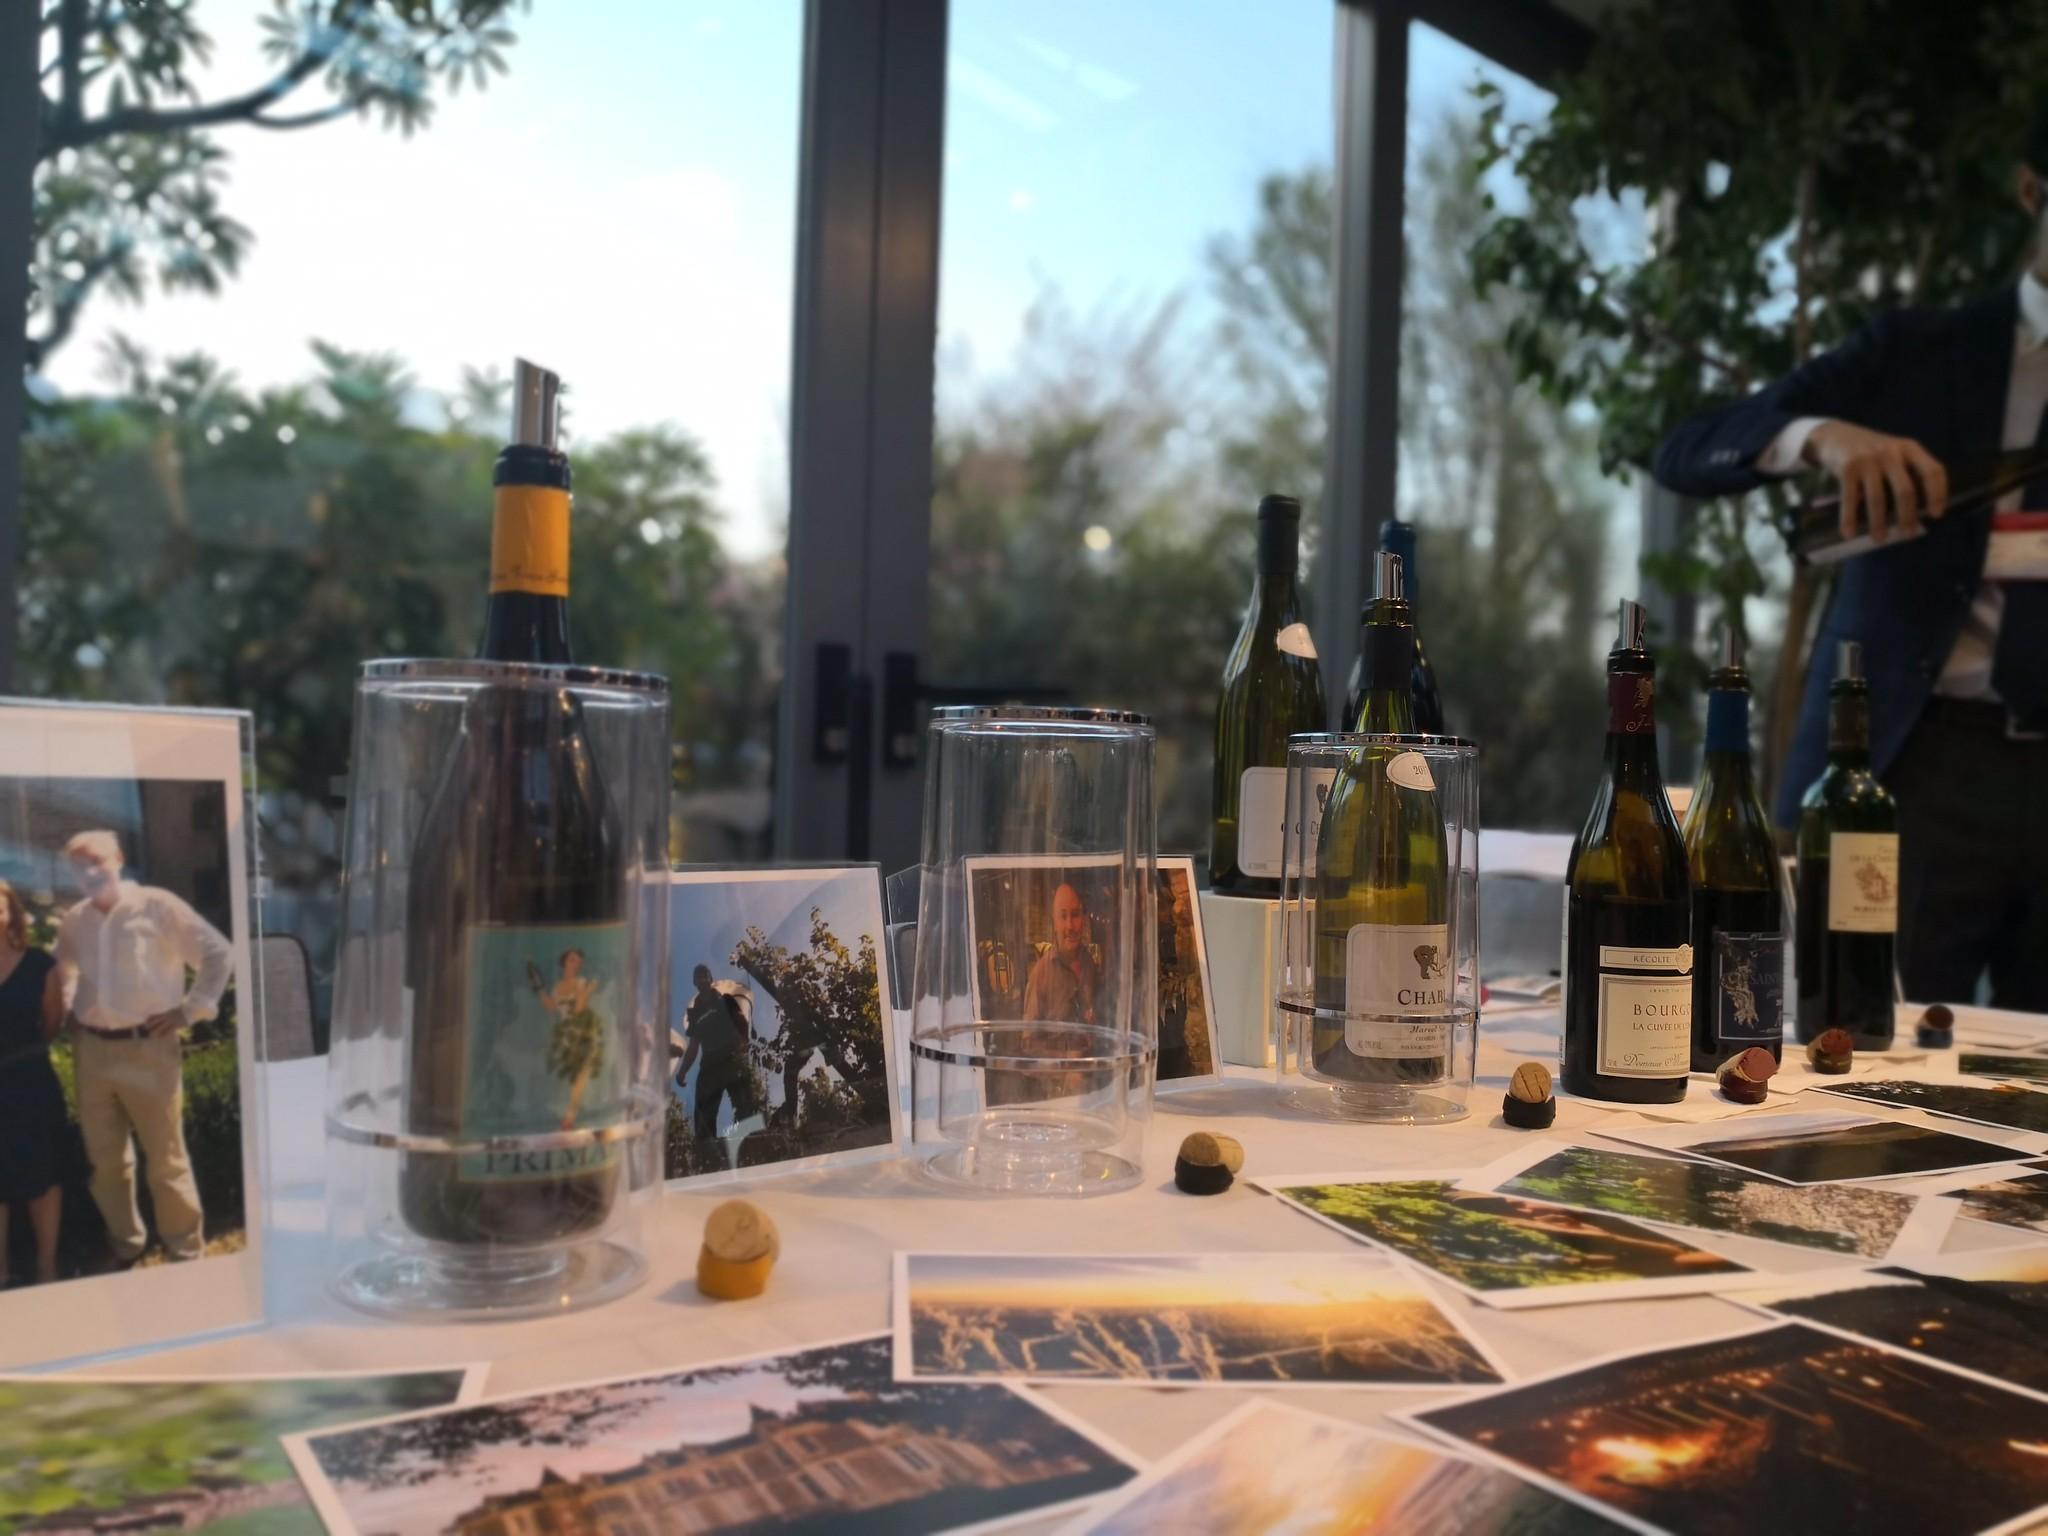 第6回クリエーション・アムール展の気になるブランド@エレガントで希少なフランスワインをインポート「ハスミワイン」